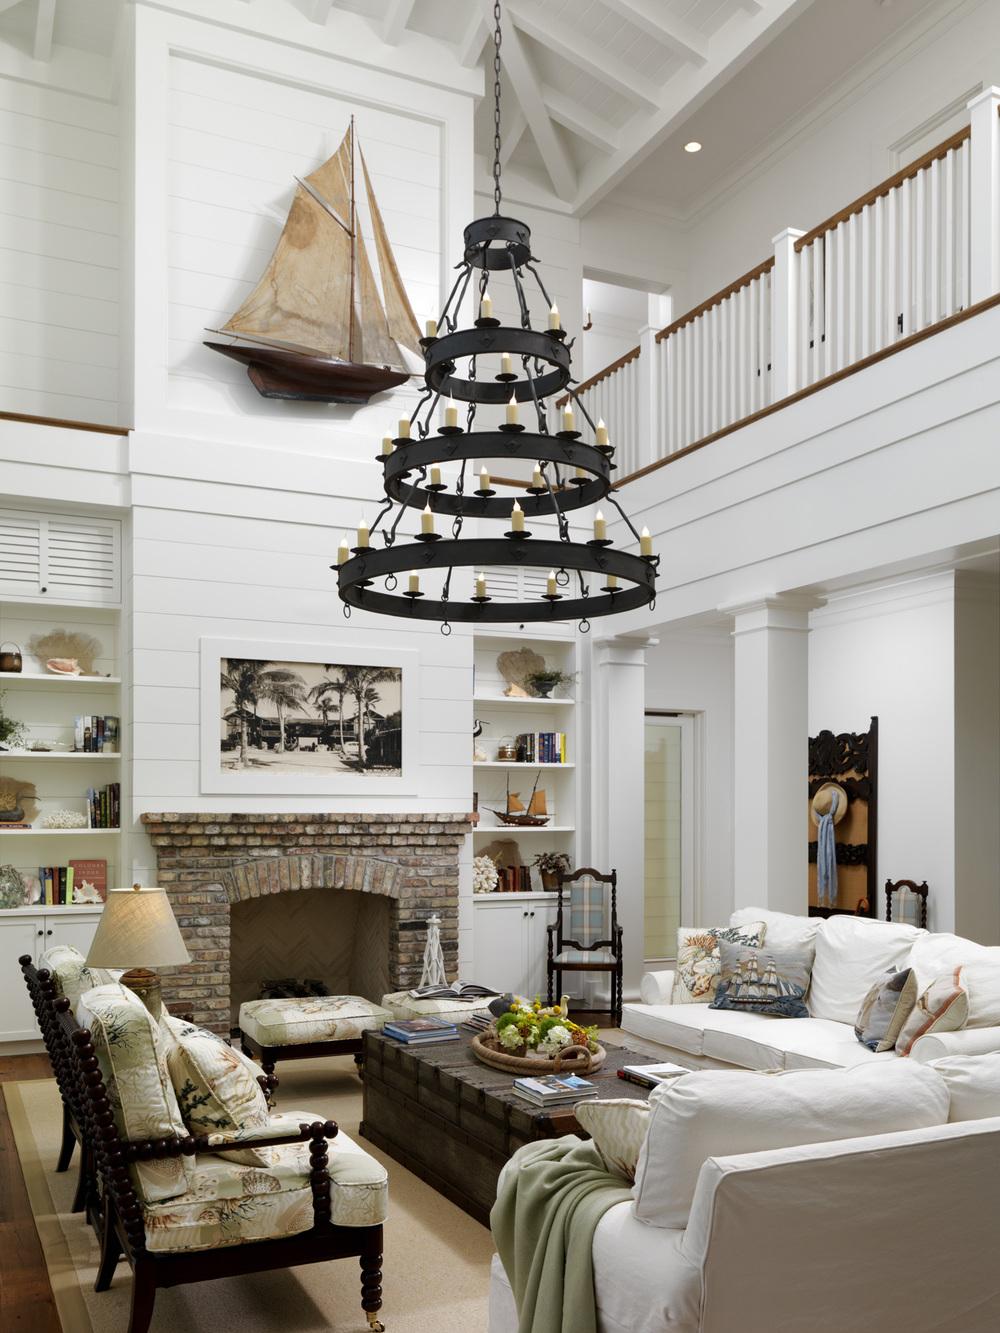 Для гостиной с высоким потоком удачное решение - многоуровневая кованая люстра с лампочками-свечками